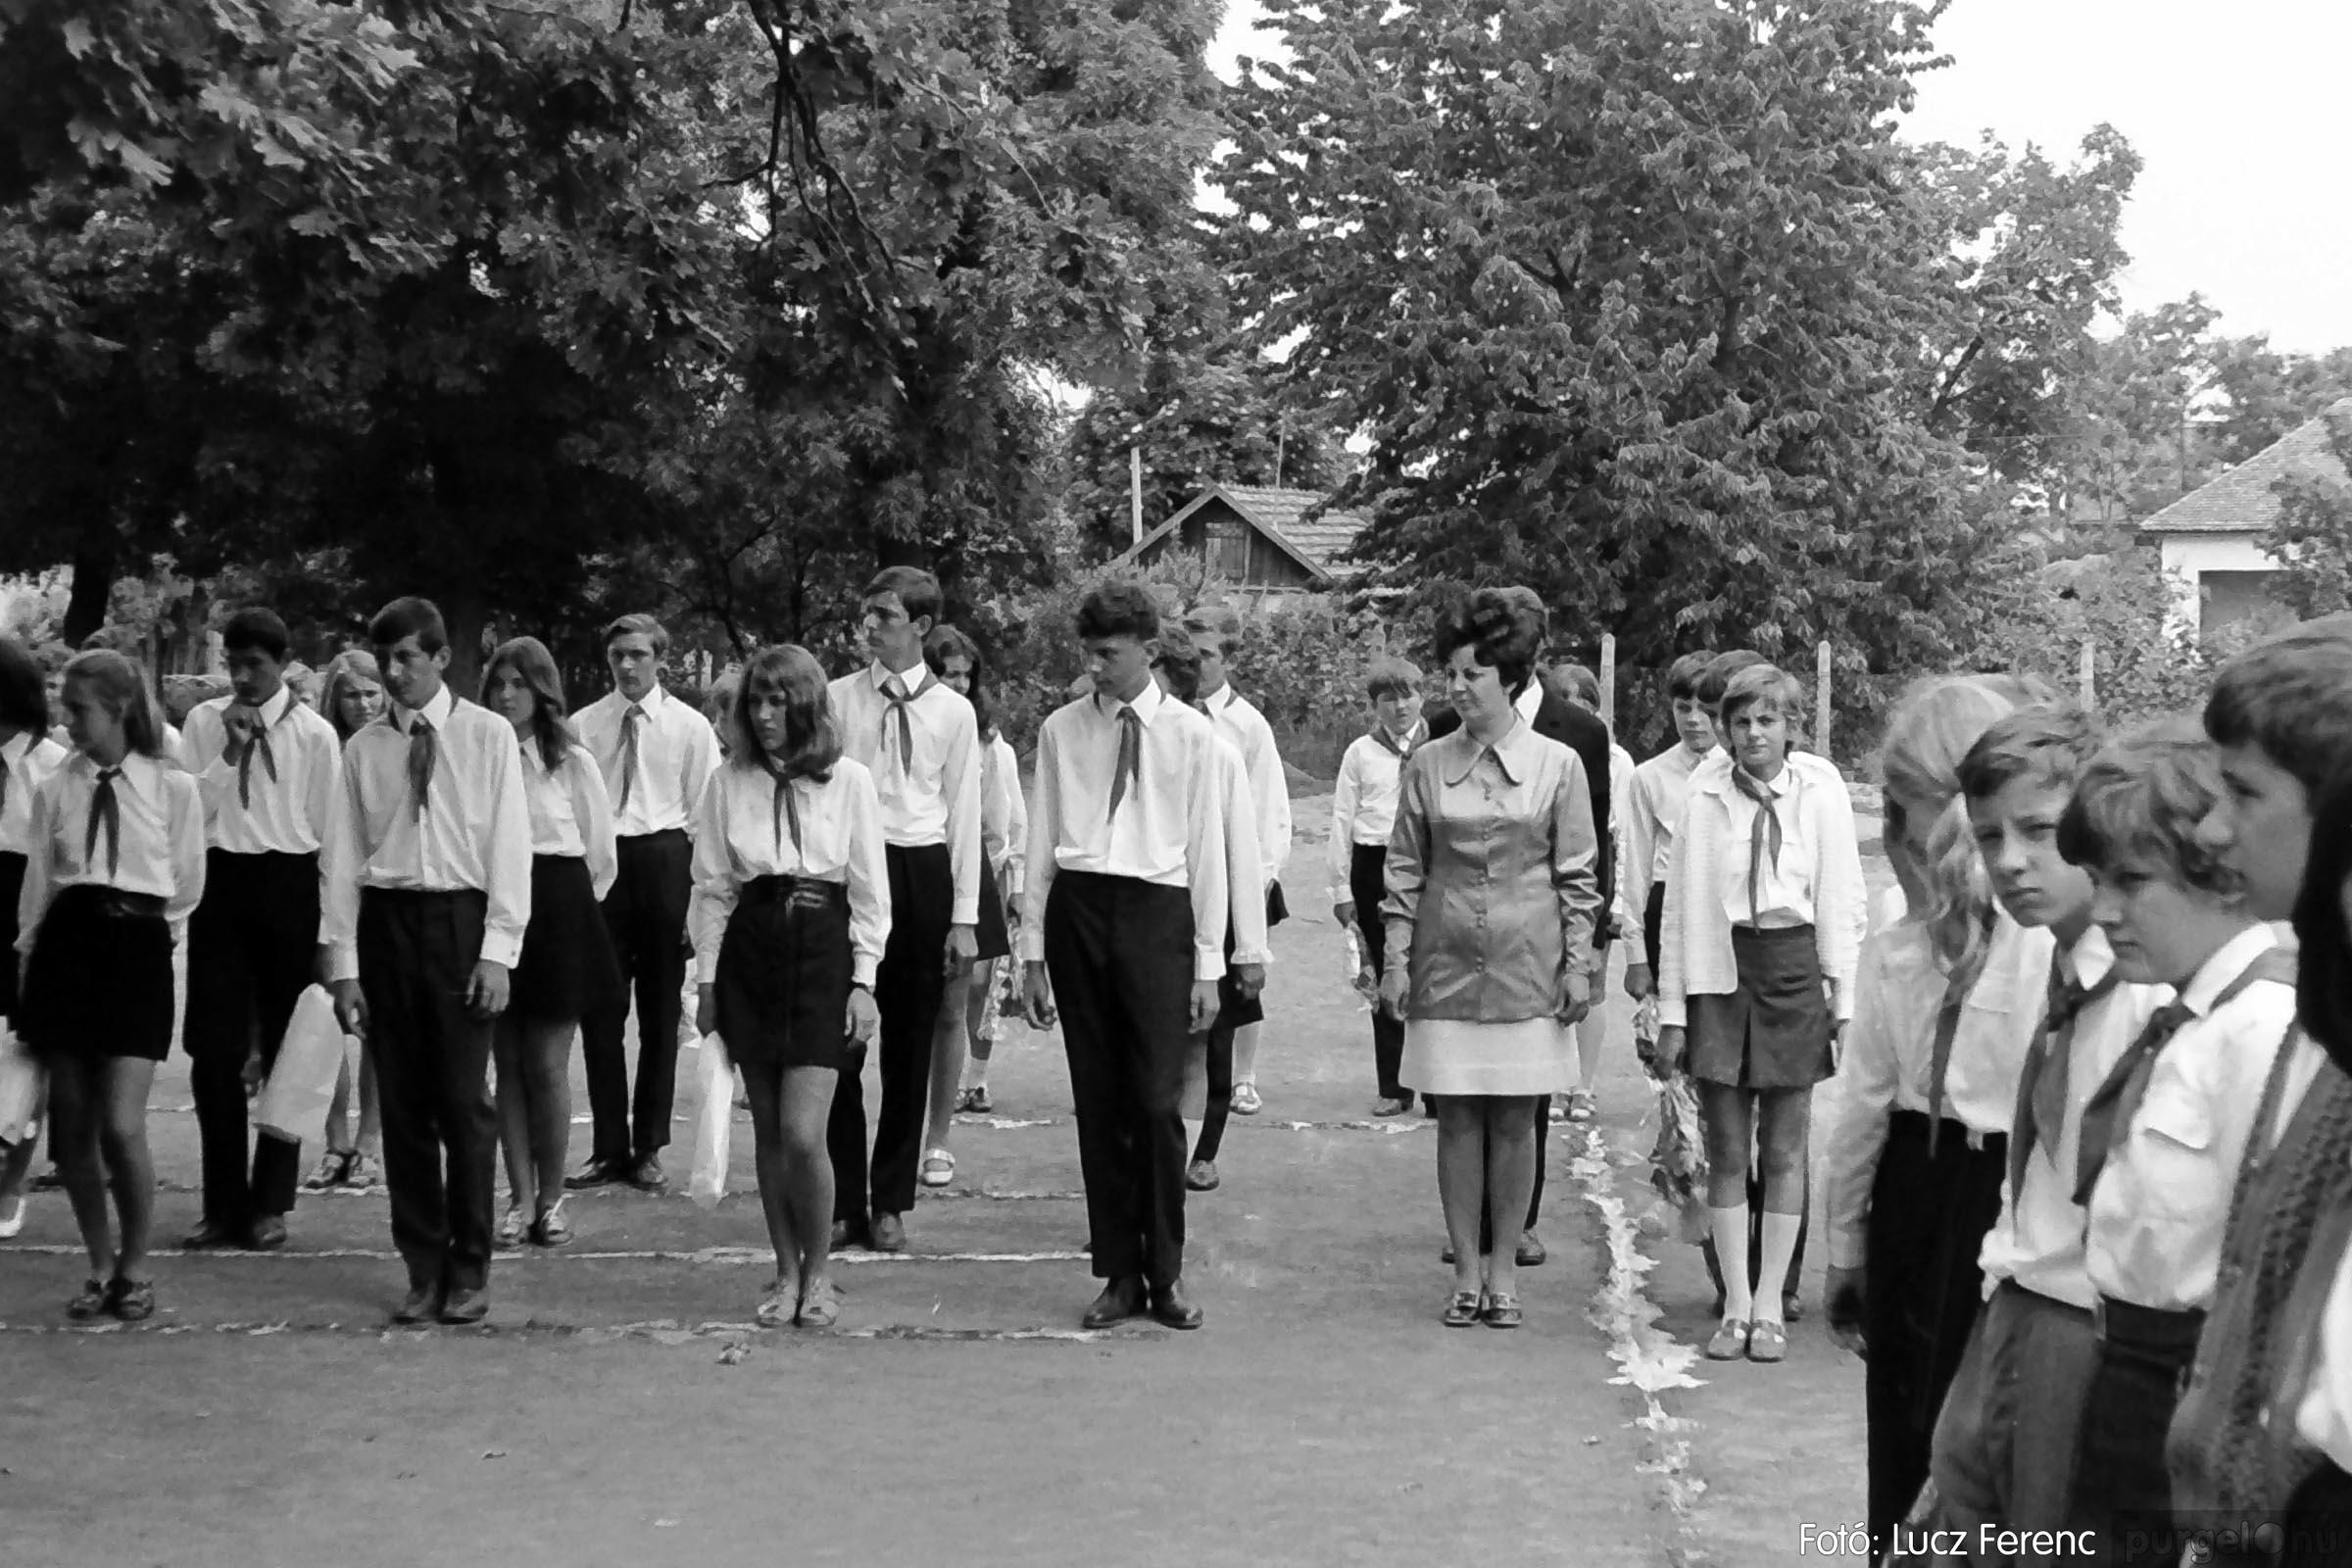 001 1972.05.27. Ballagás a szegvári iskolában 020 - Fotó: Lucz Ferenc - IMG01077q.jpg